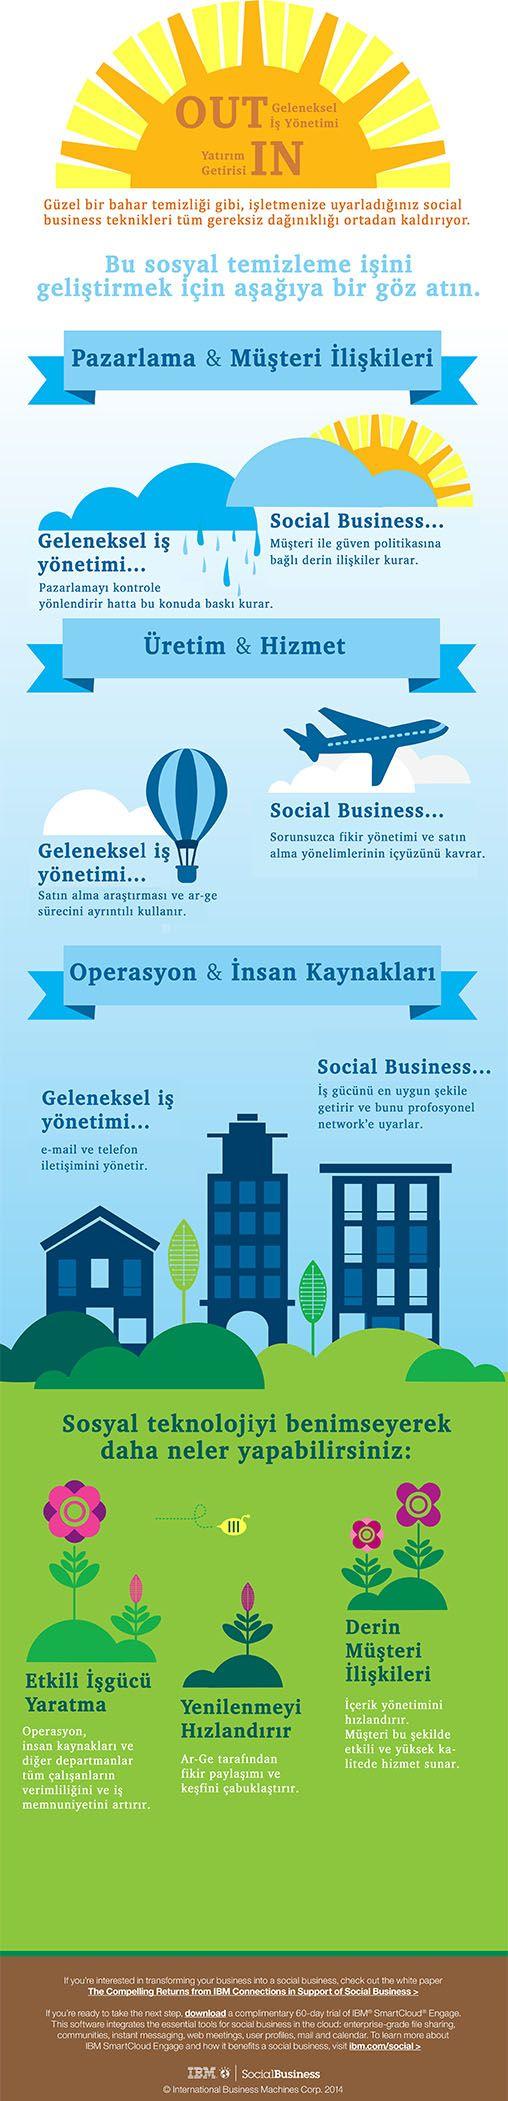 IBM_Social_Business_Spring_Infographic via @Social Business TR